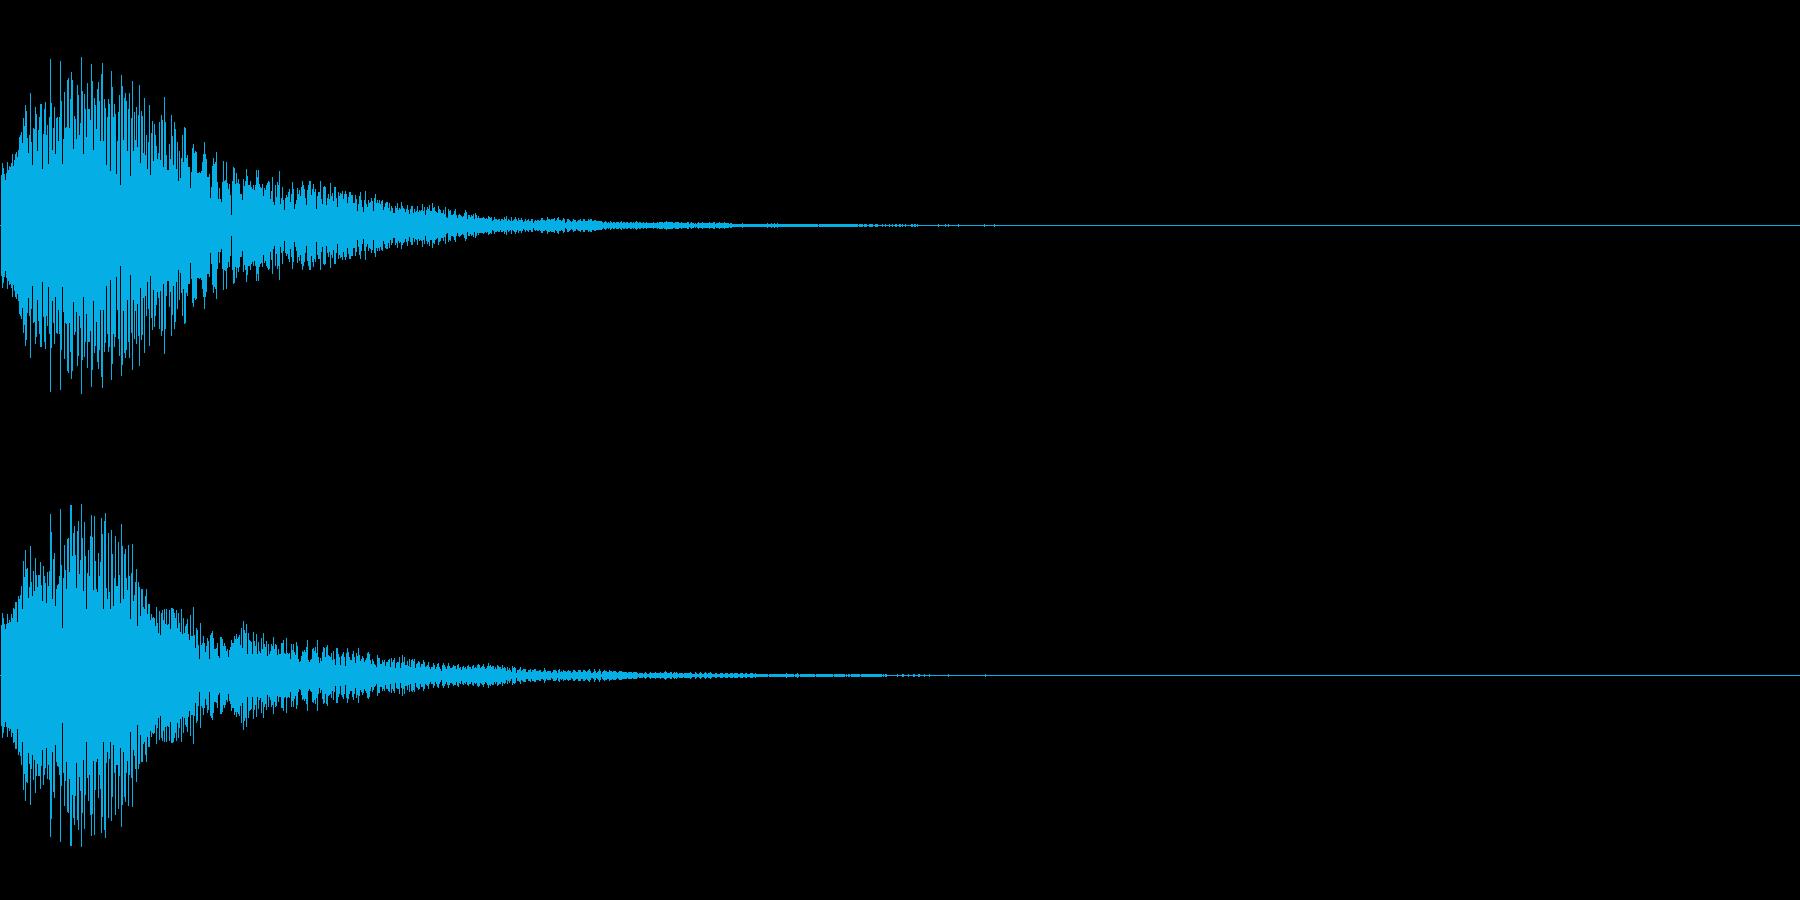 カララン(シーンの転換、ページめくり用)の再生済みの波形